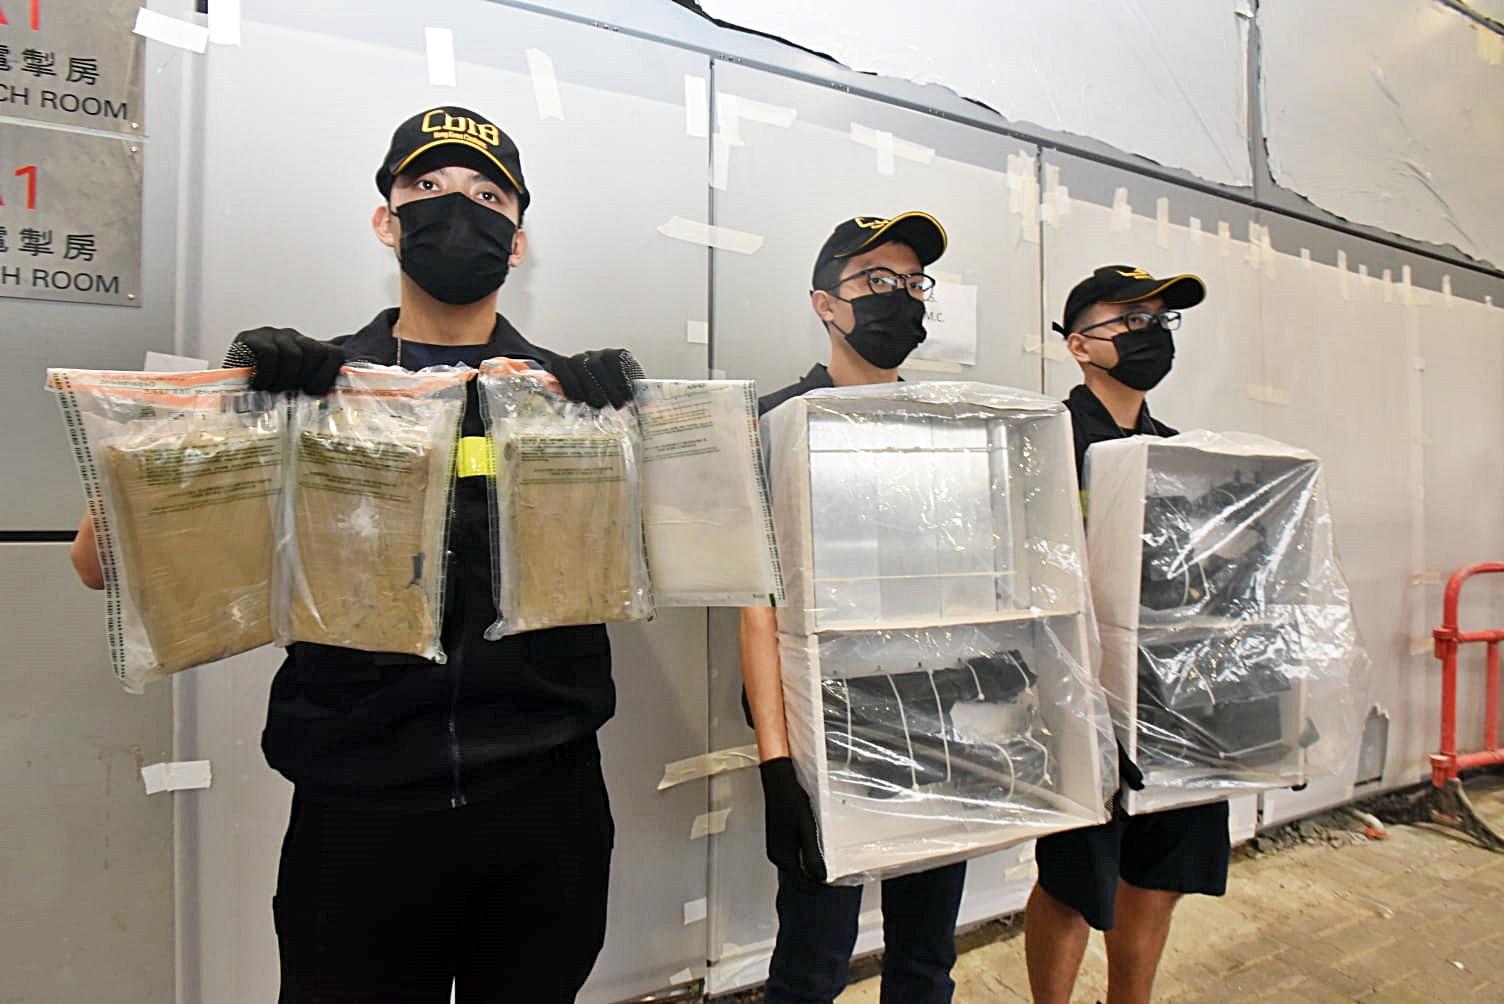 空运快件藏市值420万可卡因 海关观塘拘2怀犯